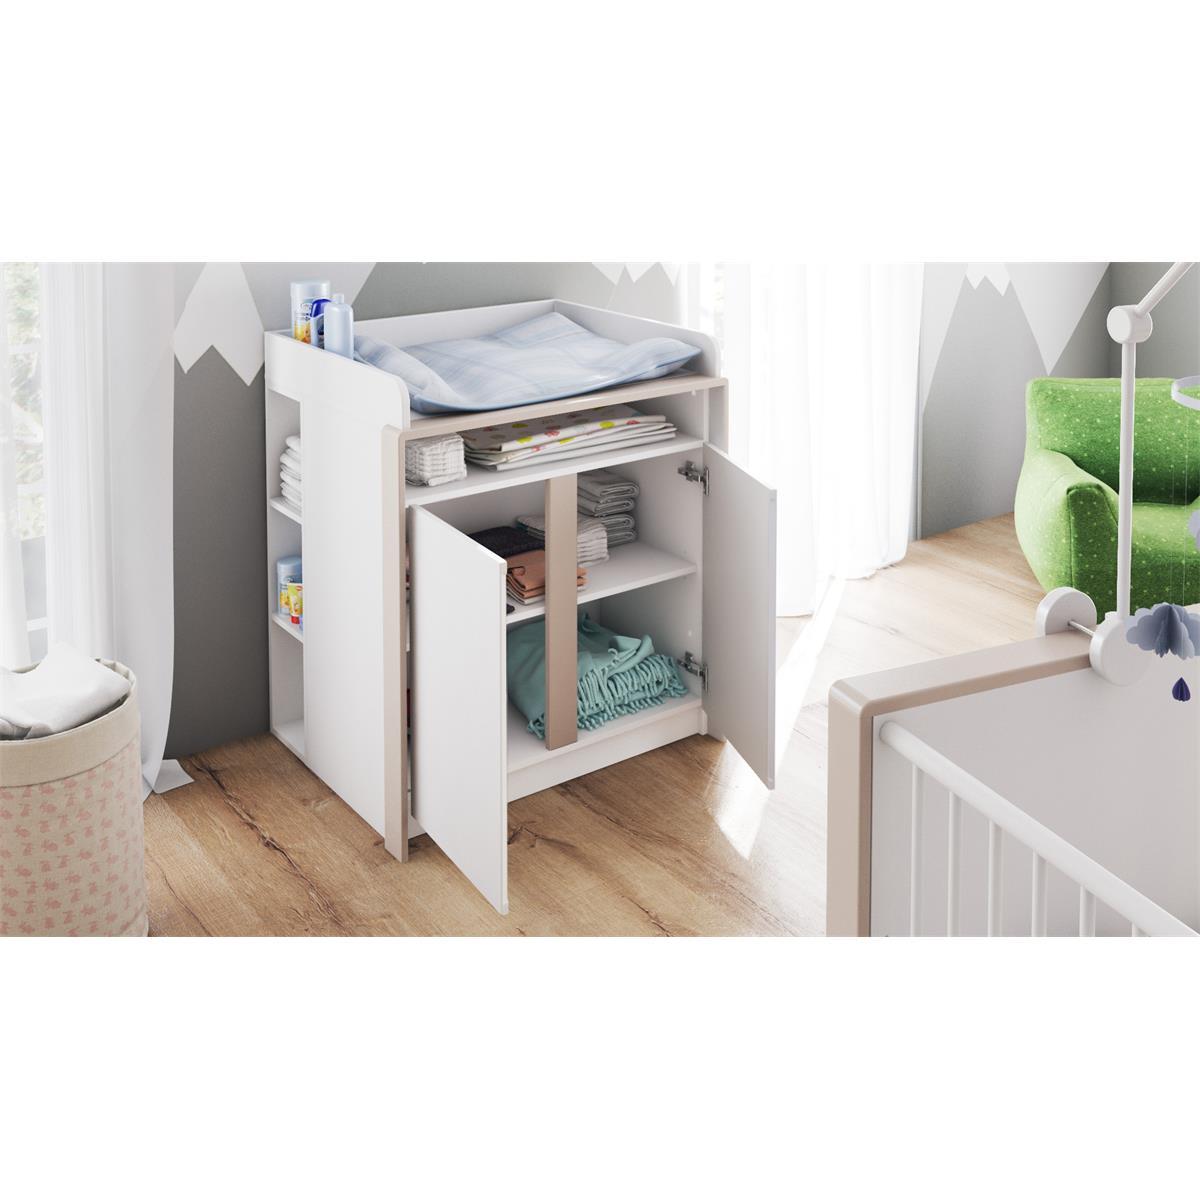 Babyzimmer Kinderzimmer Babymöbel Komplettset Nandini